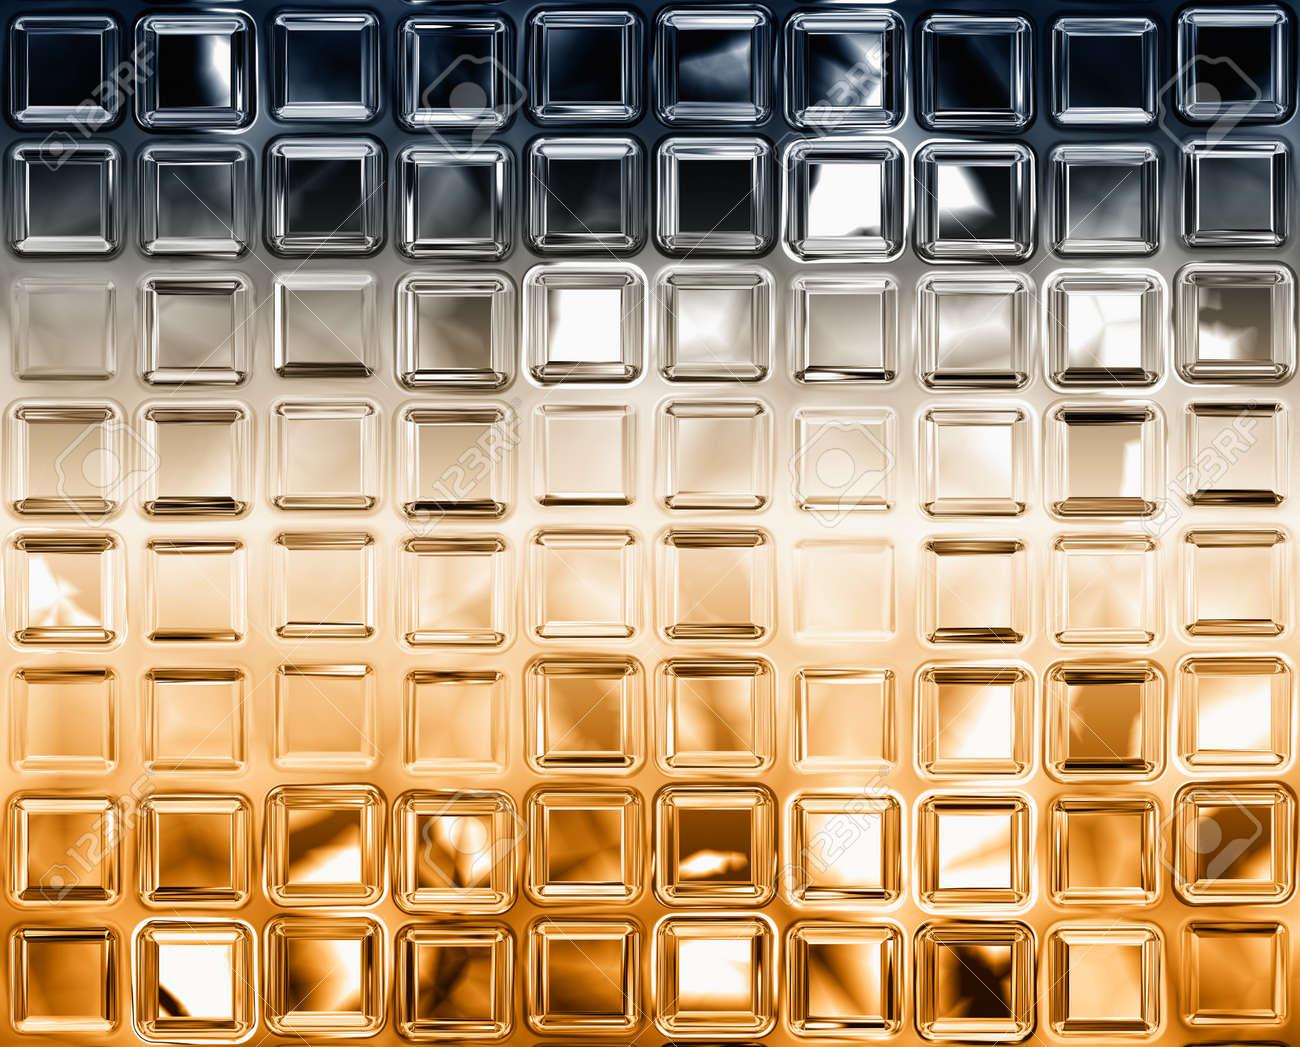 Astratto generato argento oro piastrelle superficie di sfondo foto